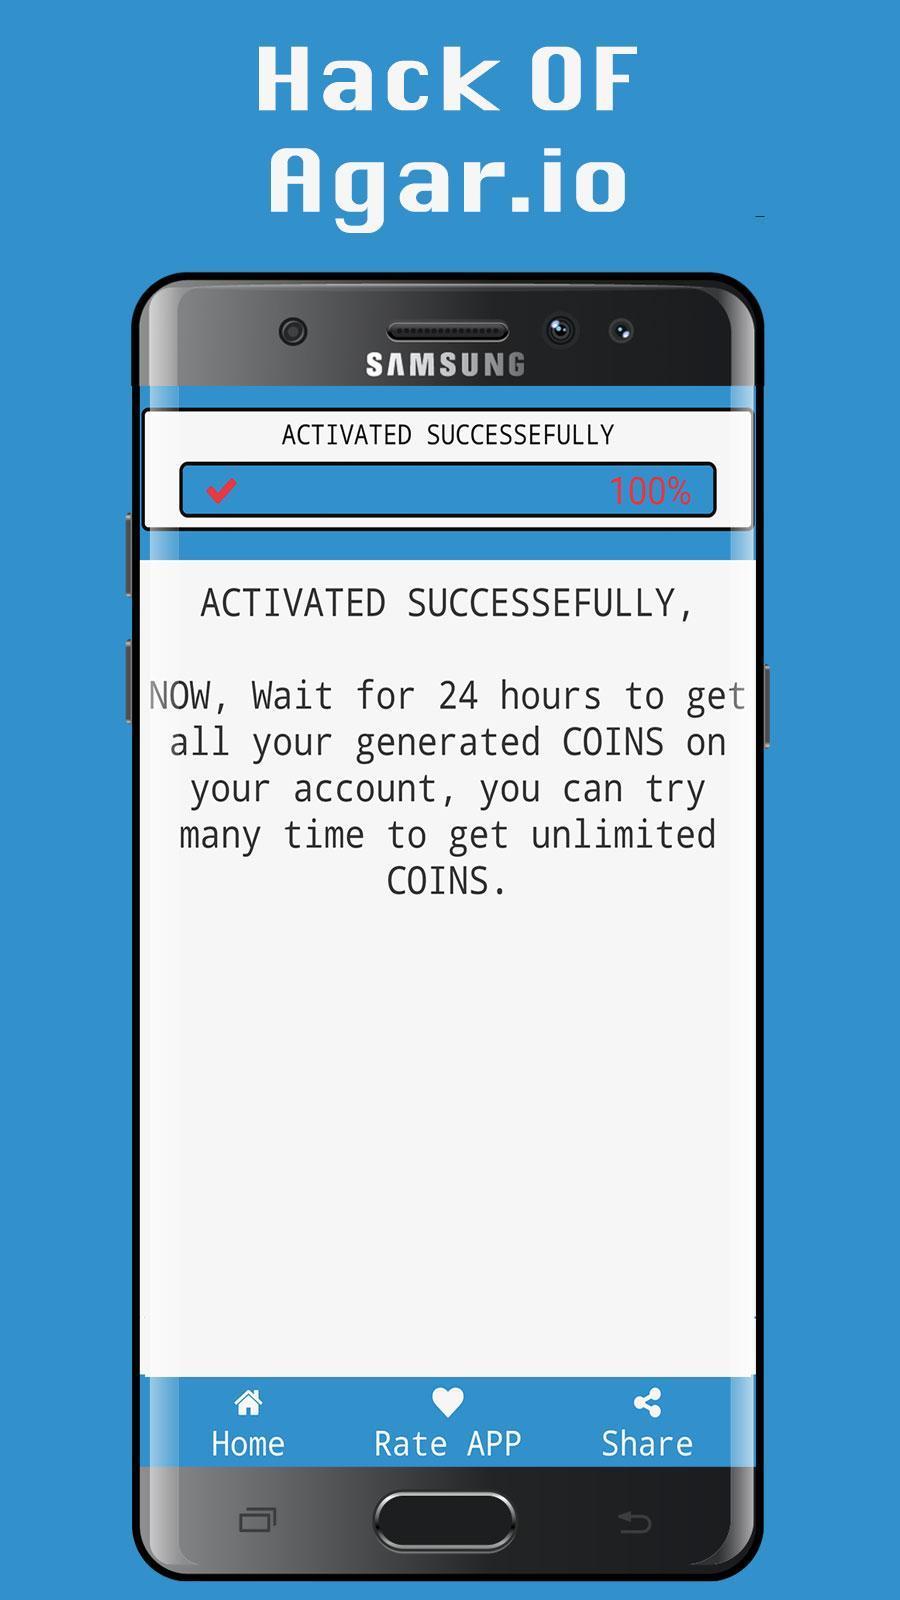 Hack Of Agario Prank para Android - APK Baixar